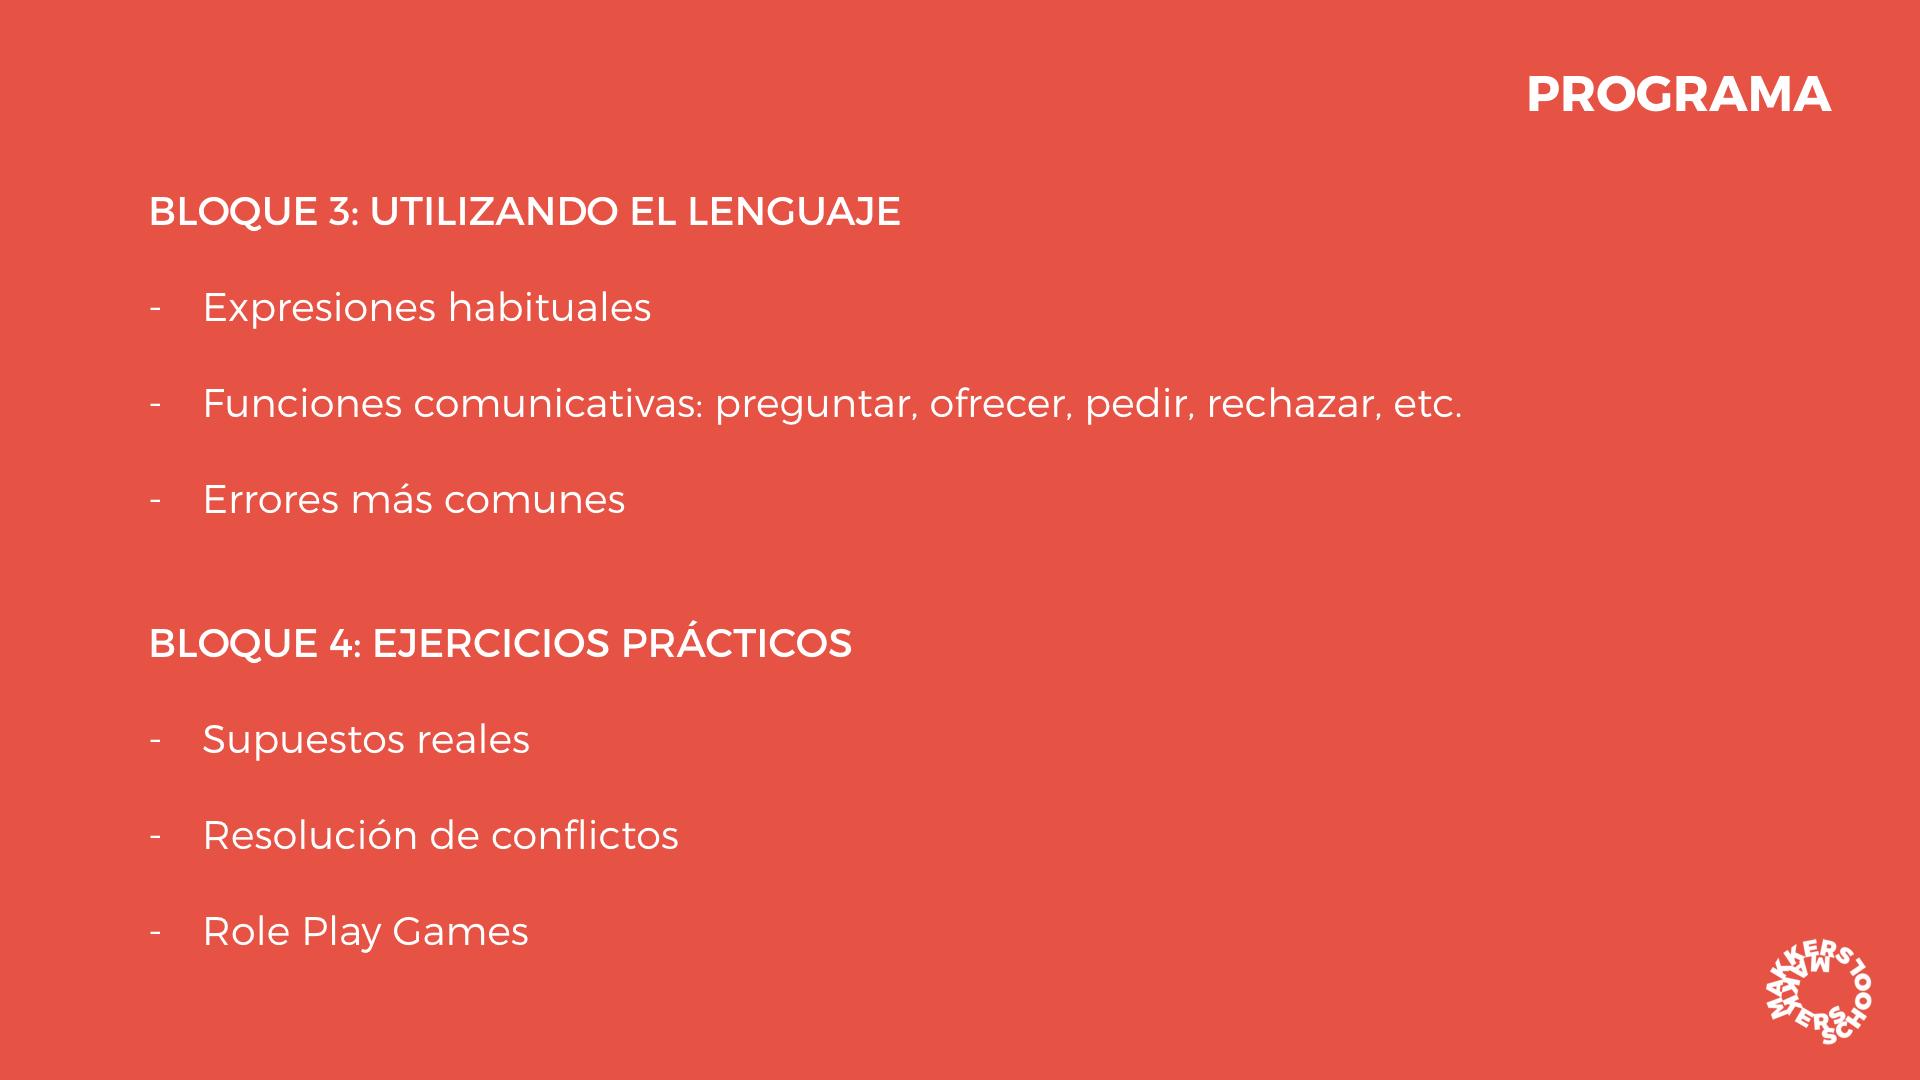 Workshop Inglés Audiovisual - Programa v1.006.jpeg